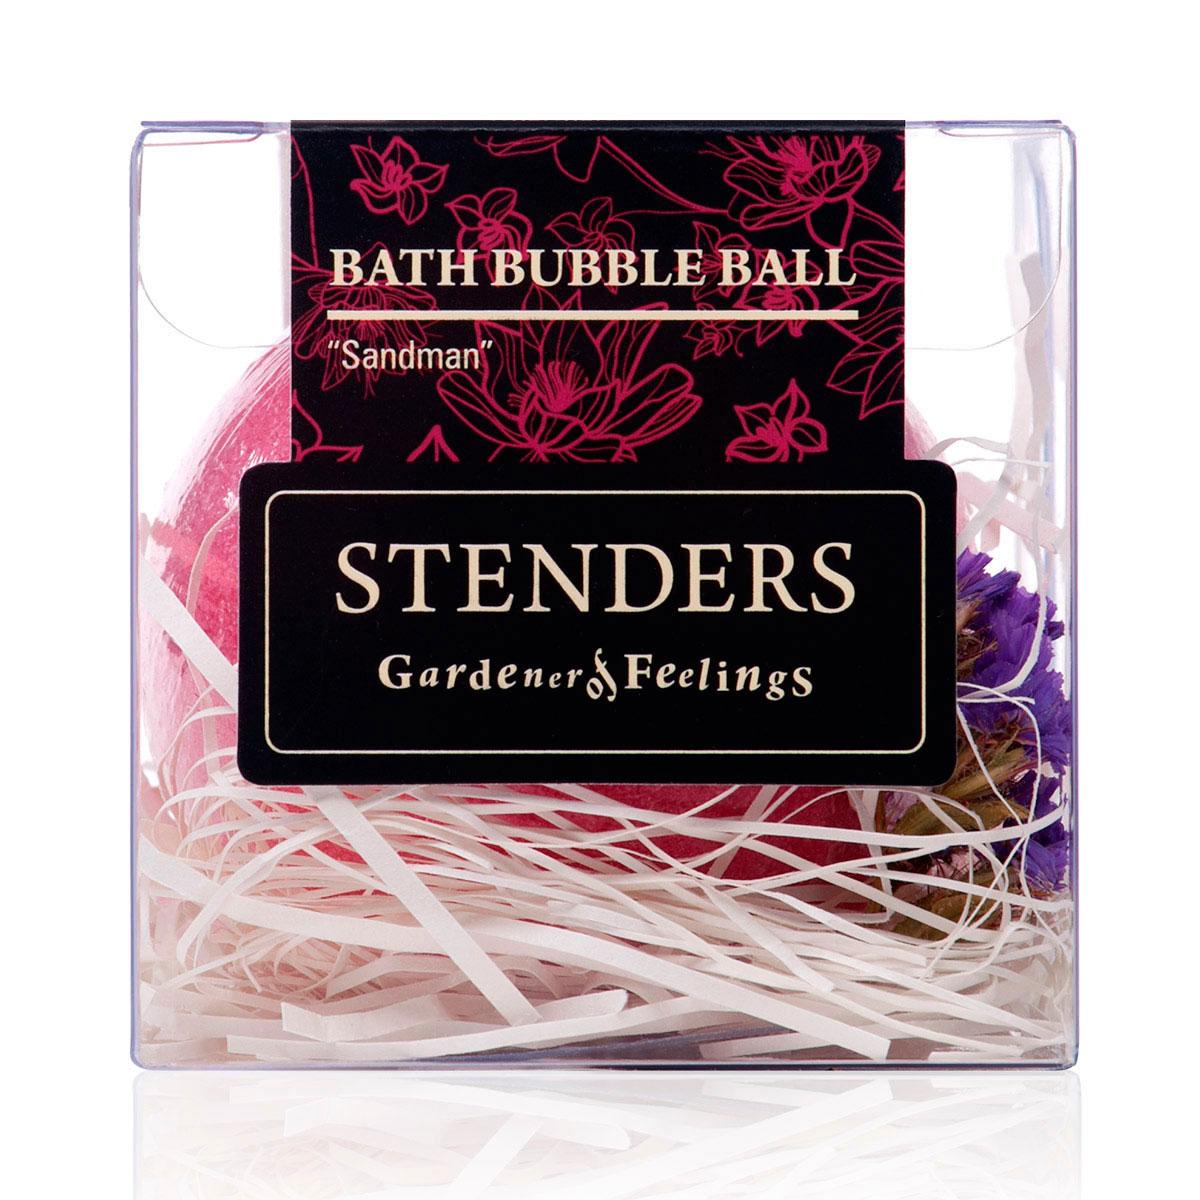 Stenders Бурлящий шар Лавандовый, 125 гFS-00897Ваши любимые бурлящие шары, упакованные в красивую коробку - готовы удивлять и радовать. Этот изготовленный умелыми руками бурлящий шар для ванны наполнит ванную комнату успокаивающим ароматом, заботясь о вашем отдыхе. Пока вы будете наслаждаться мгновениями расслабления, о вашей коже позаботится масло виноградных косточек и морская соль, а эфирное масло лаванды упокоит ваши мысли и чувства, позволяя вам предаться сладким мечтам и сну.Эфирное масло лаванды получают путем дистилляции цветущих макушек растения. Для этого любимого всеми масла характерен воздушный цветочно-травяной аромат, который способен как тонизировать, так и успокаивать, даря спокойствие. Это масло вы можете использовать и для улучшения сна. Масло виноградных косточек особенно хорошо тем, что содержит ненасыщенные жирные кислоты в большой концентрации. Оно придаст жизненную силу вашей коже, тщательно увлажняя и смягчая ее. Кристаллы соли моря богаты ионами кальция, калия и натрия. Эти вещества очистят вашу кожу и укрепят ногти. Релаксирующая ванна с солью помогает регулировать уровень влаги в клетках, устраняя припухлость и снимая усталость.